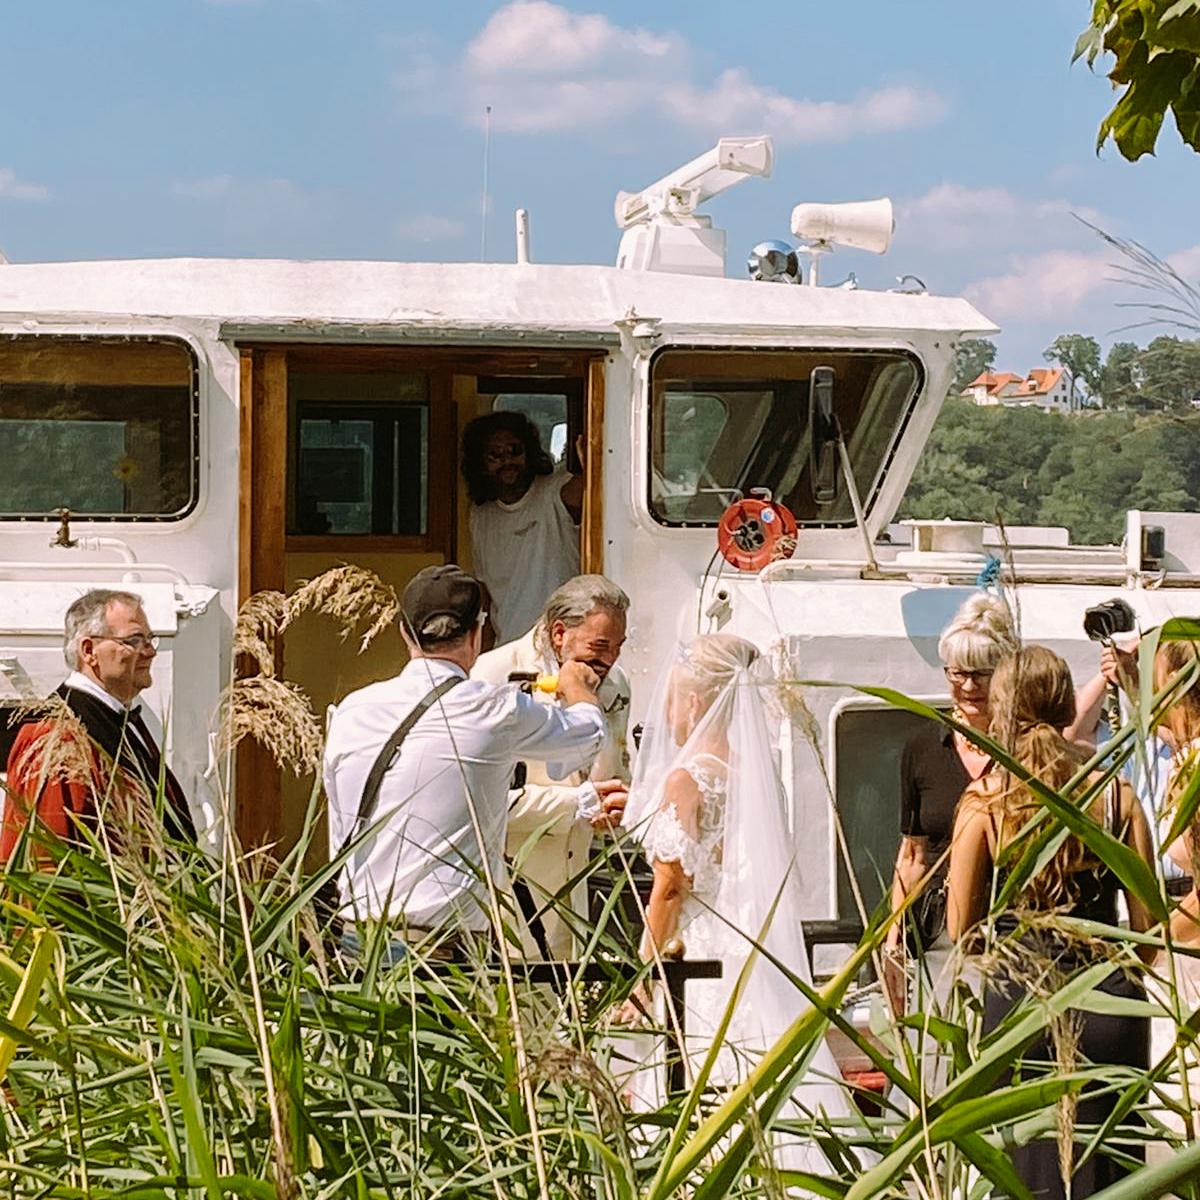 Strandhotel Vier Jahreszeiten - Hauseigener Dampfer bei Hochzeit